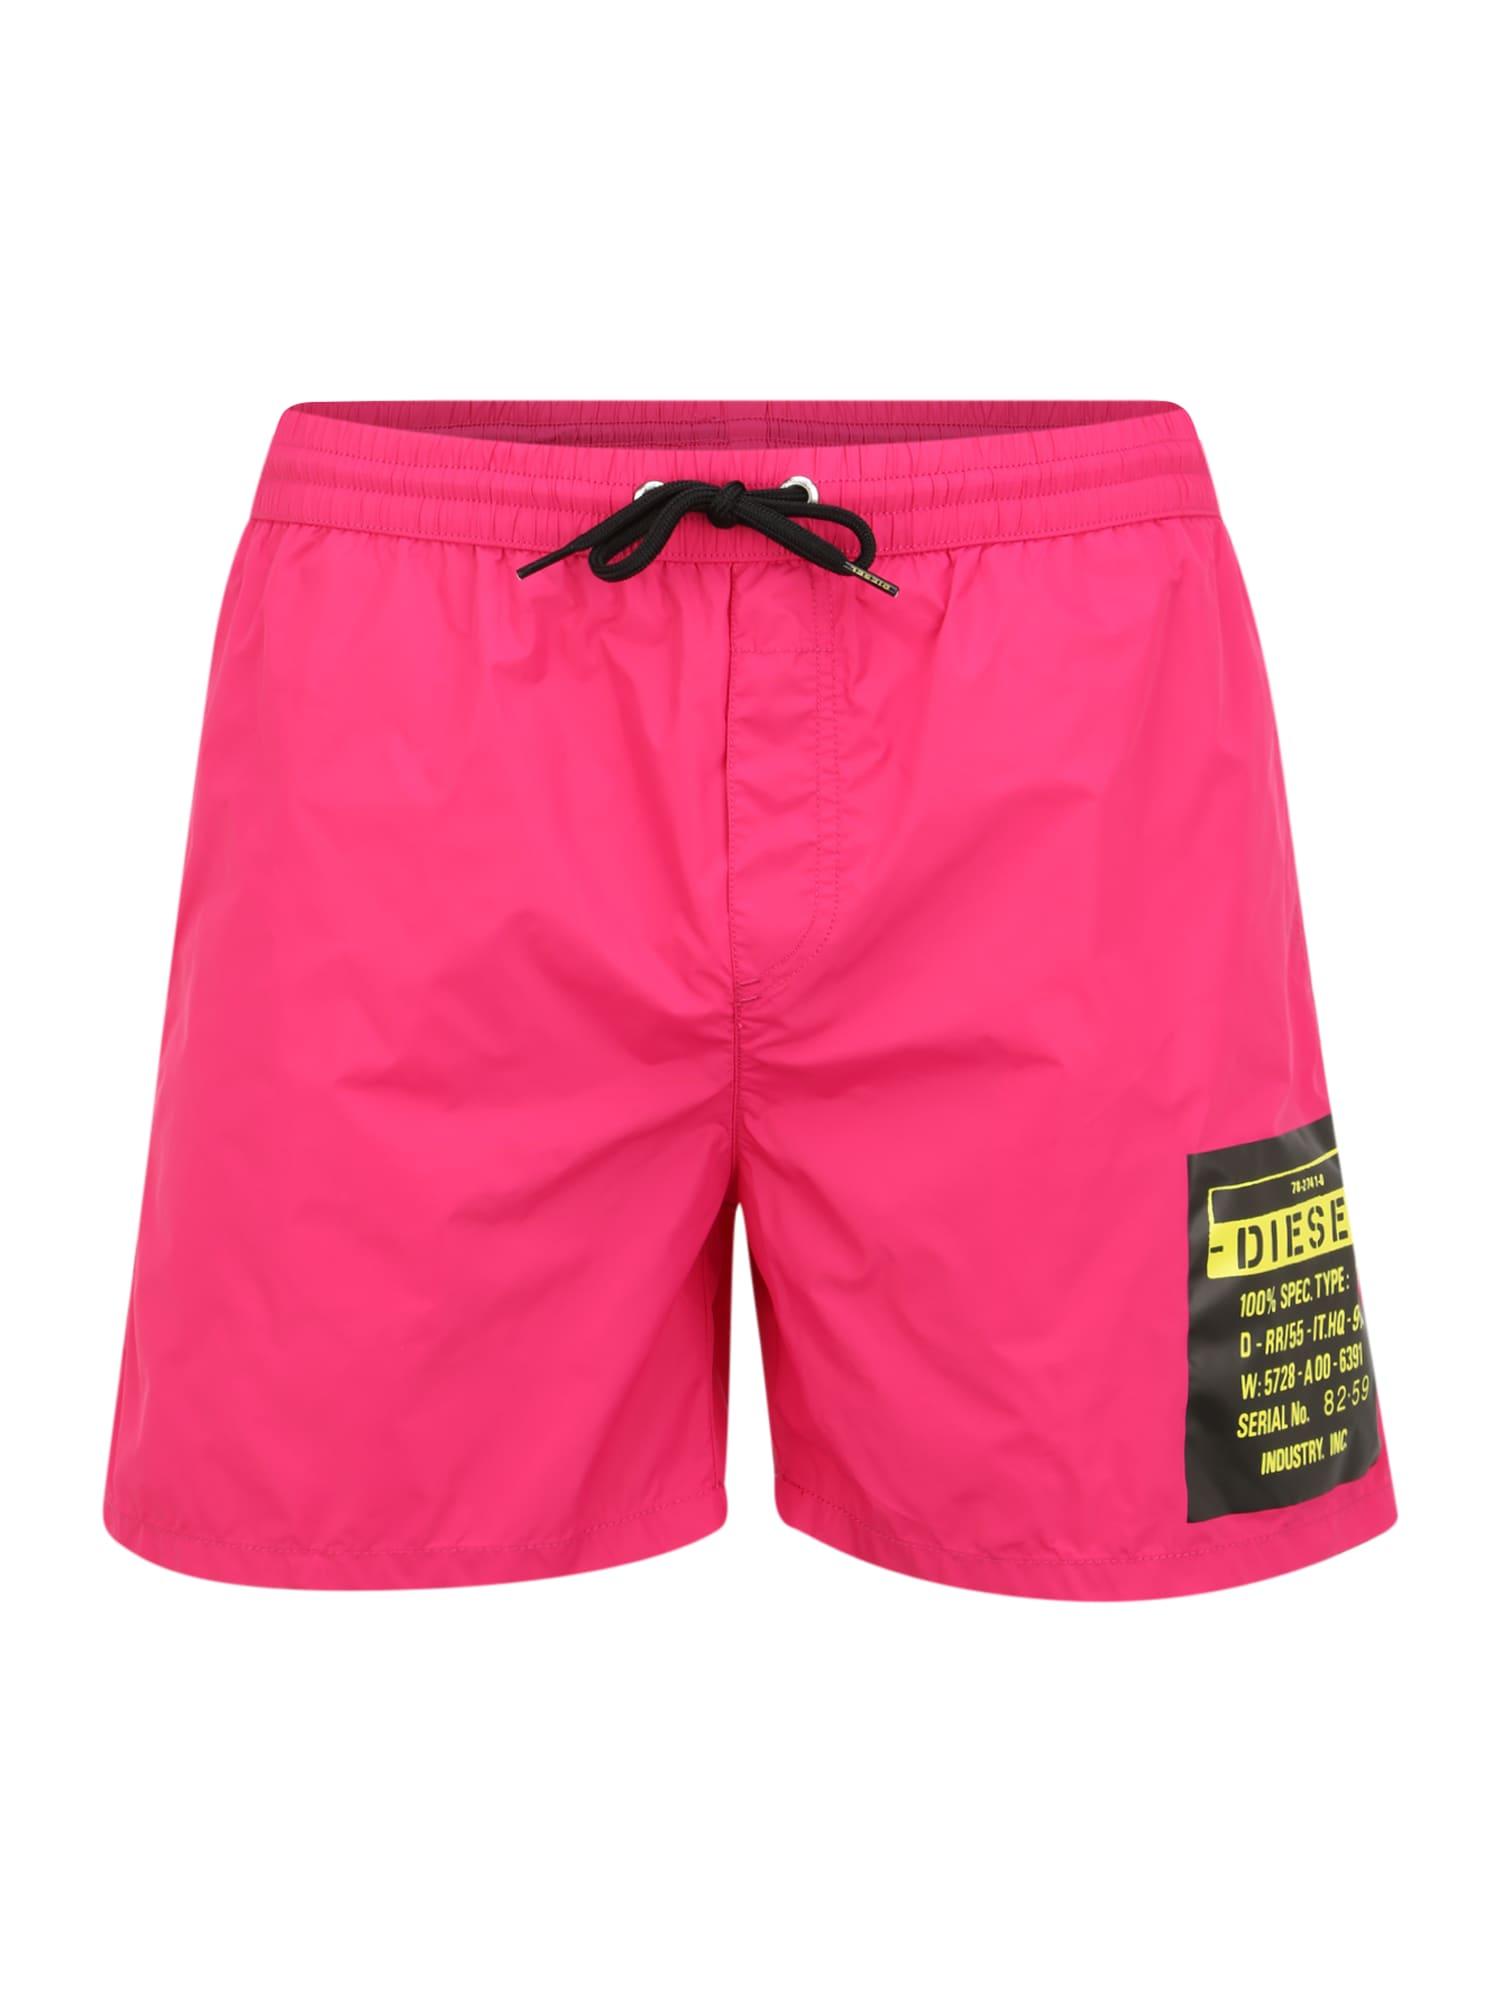 DIESEL Plavecké šortky 'Bmbx-Wave'  ružová